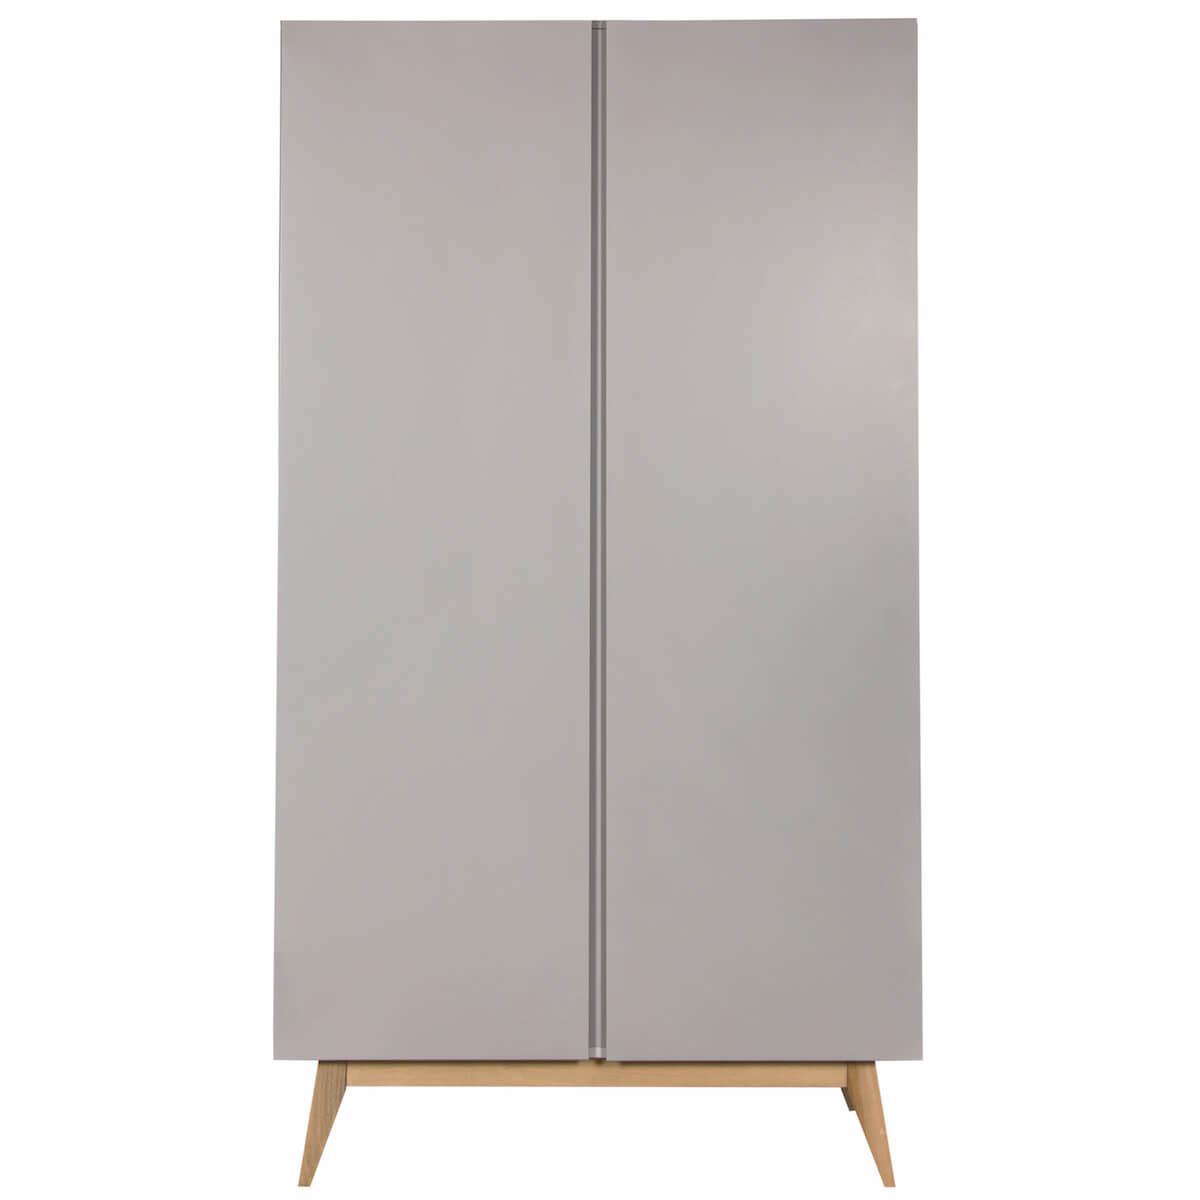 Kleiderschrank 110x198cm TRENDY Quax Griffin grey